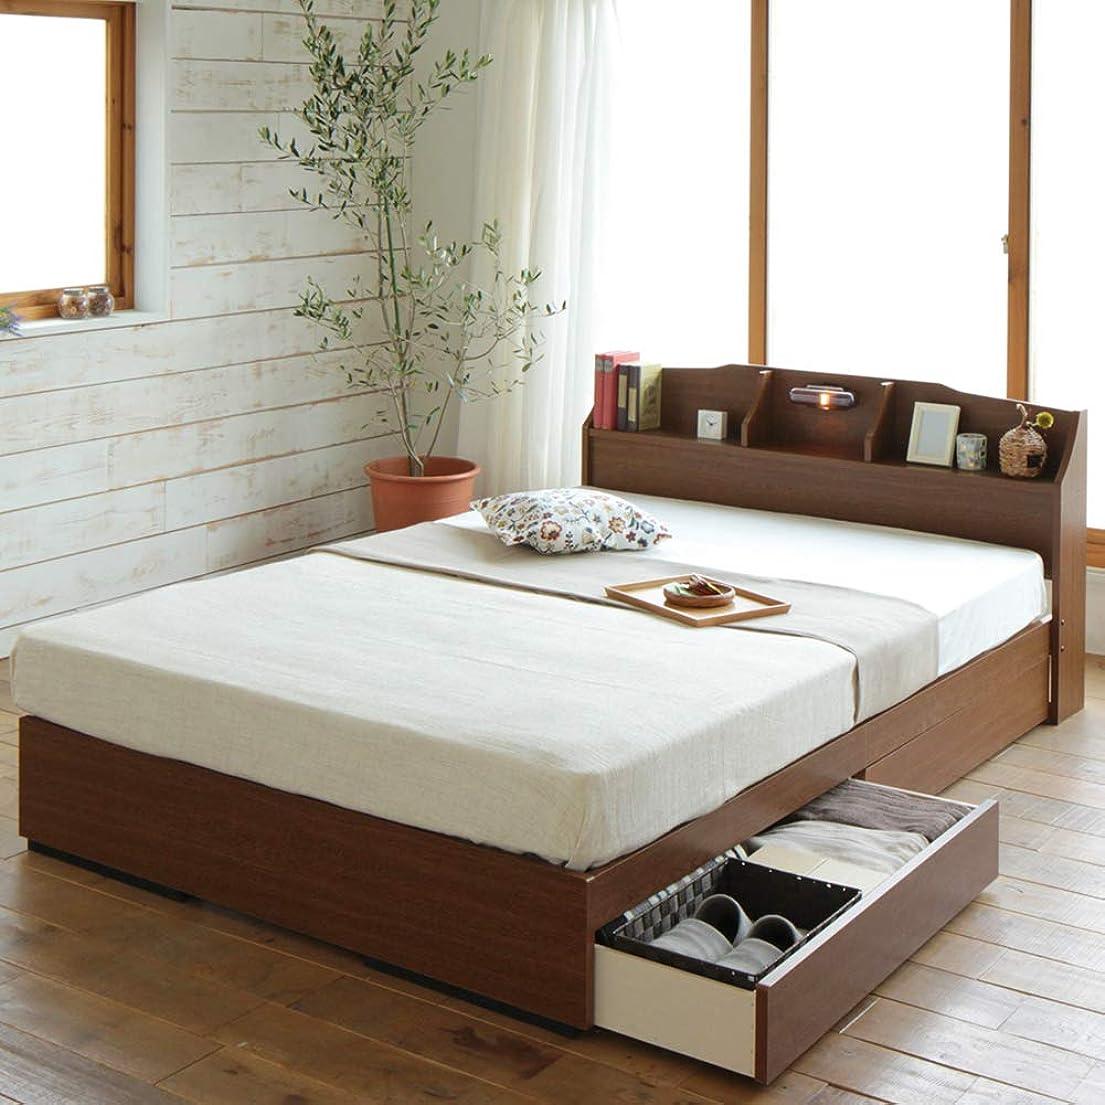 鳴らすチューリップ競争ベッド 『STELA』ステラ 日本製 収納付き 引き出し付き 木製 照明付き 棚付き 宮付き コンセント付き ブラウン セミダブル 海外製ポケットコイルマットレス付き